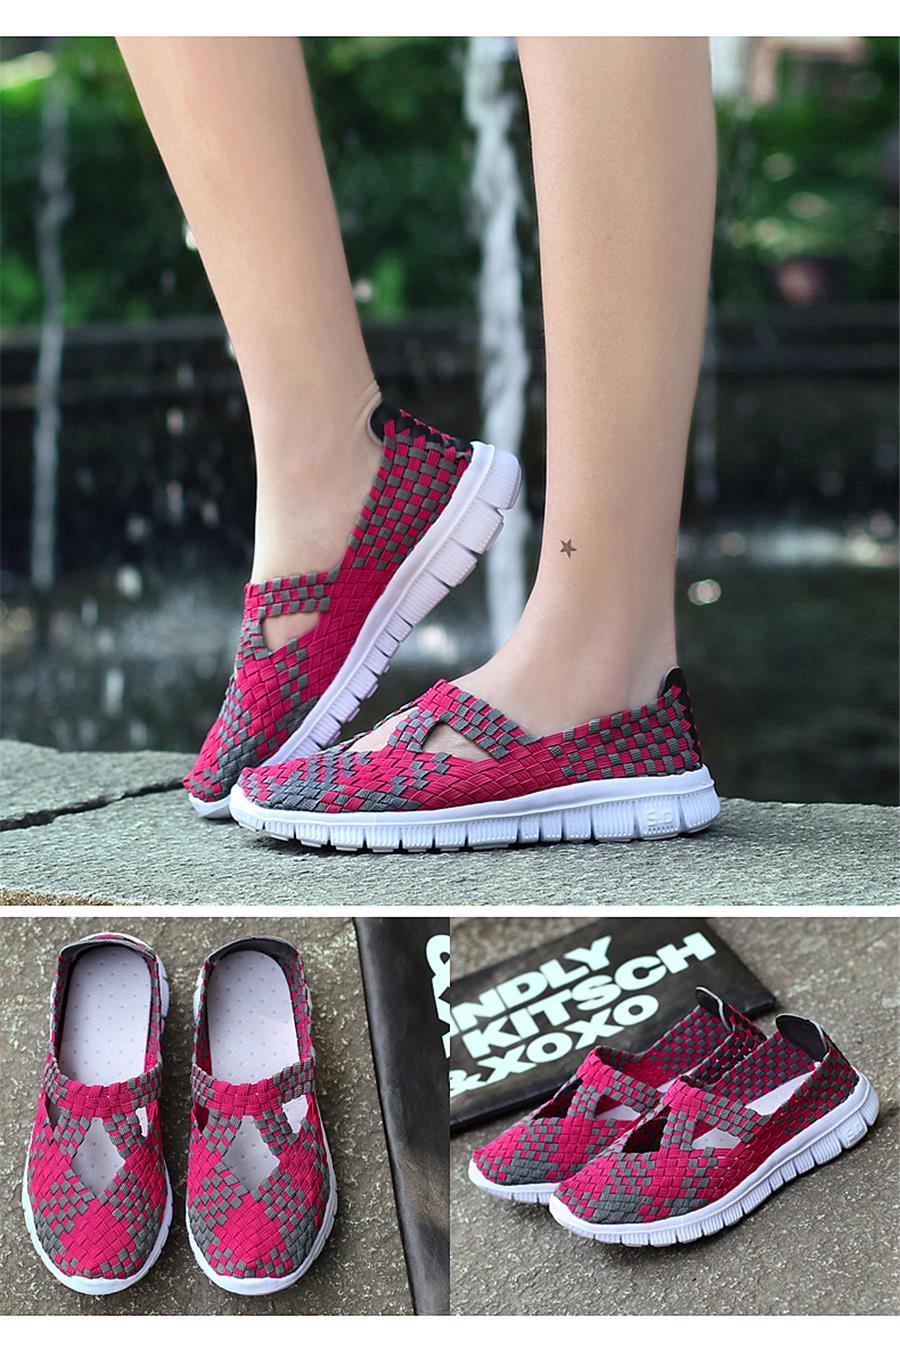 STQ summer women flats shoes HTB1Wk1En4HI8KJjy1zbq6yxdpXaA